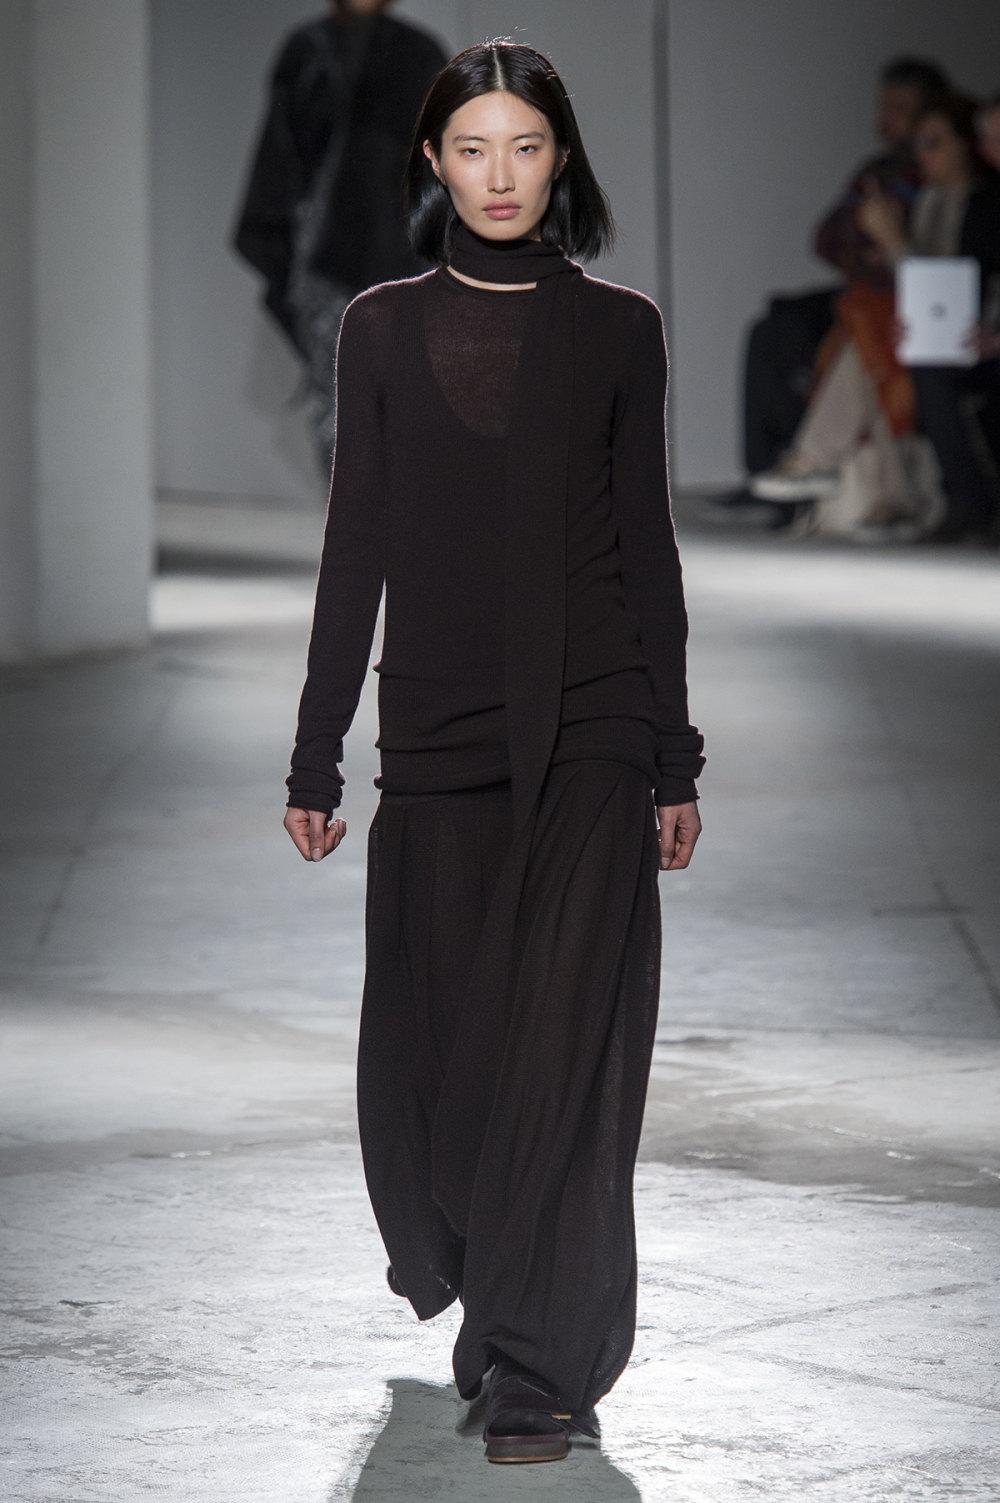 Agnona时装系列有纹理外套长而瘦有些穿着浴袍宽腿裤套装有巧克力-31.jpg